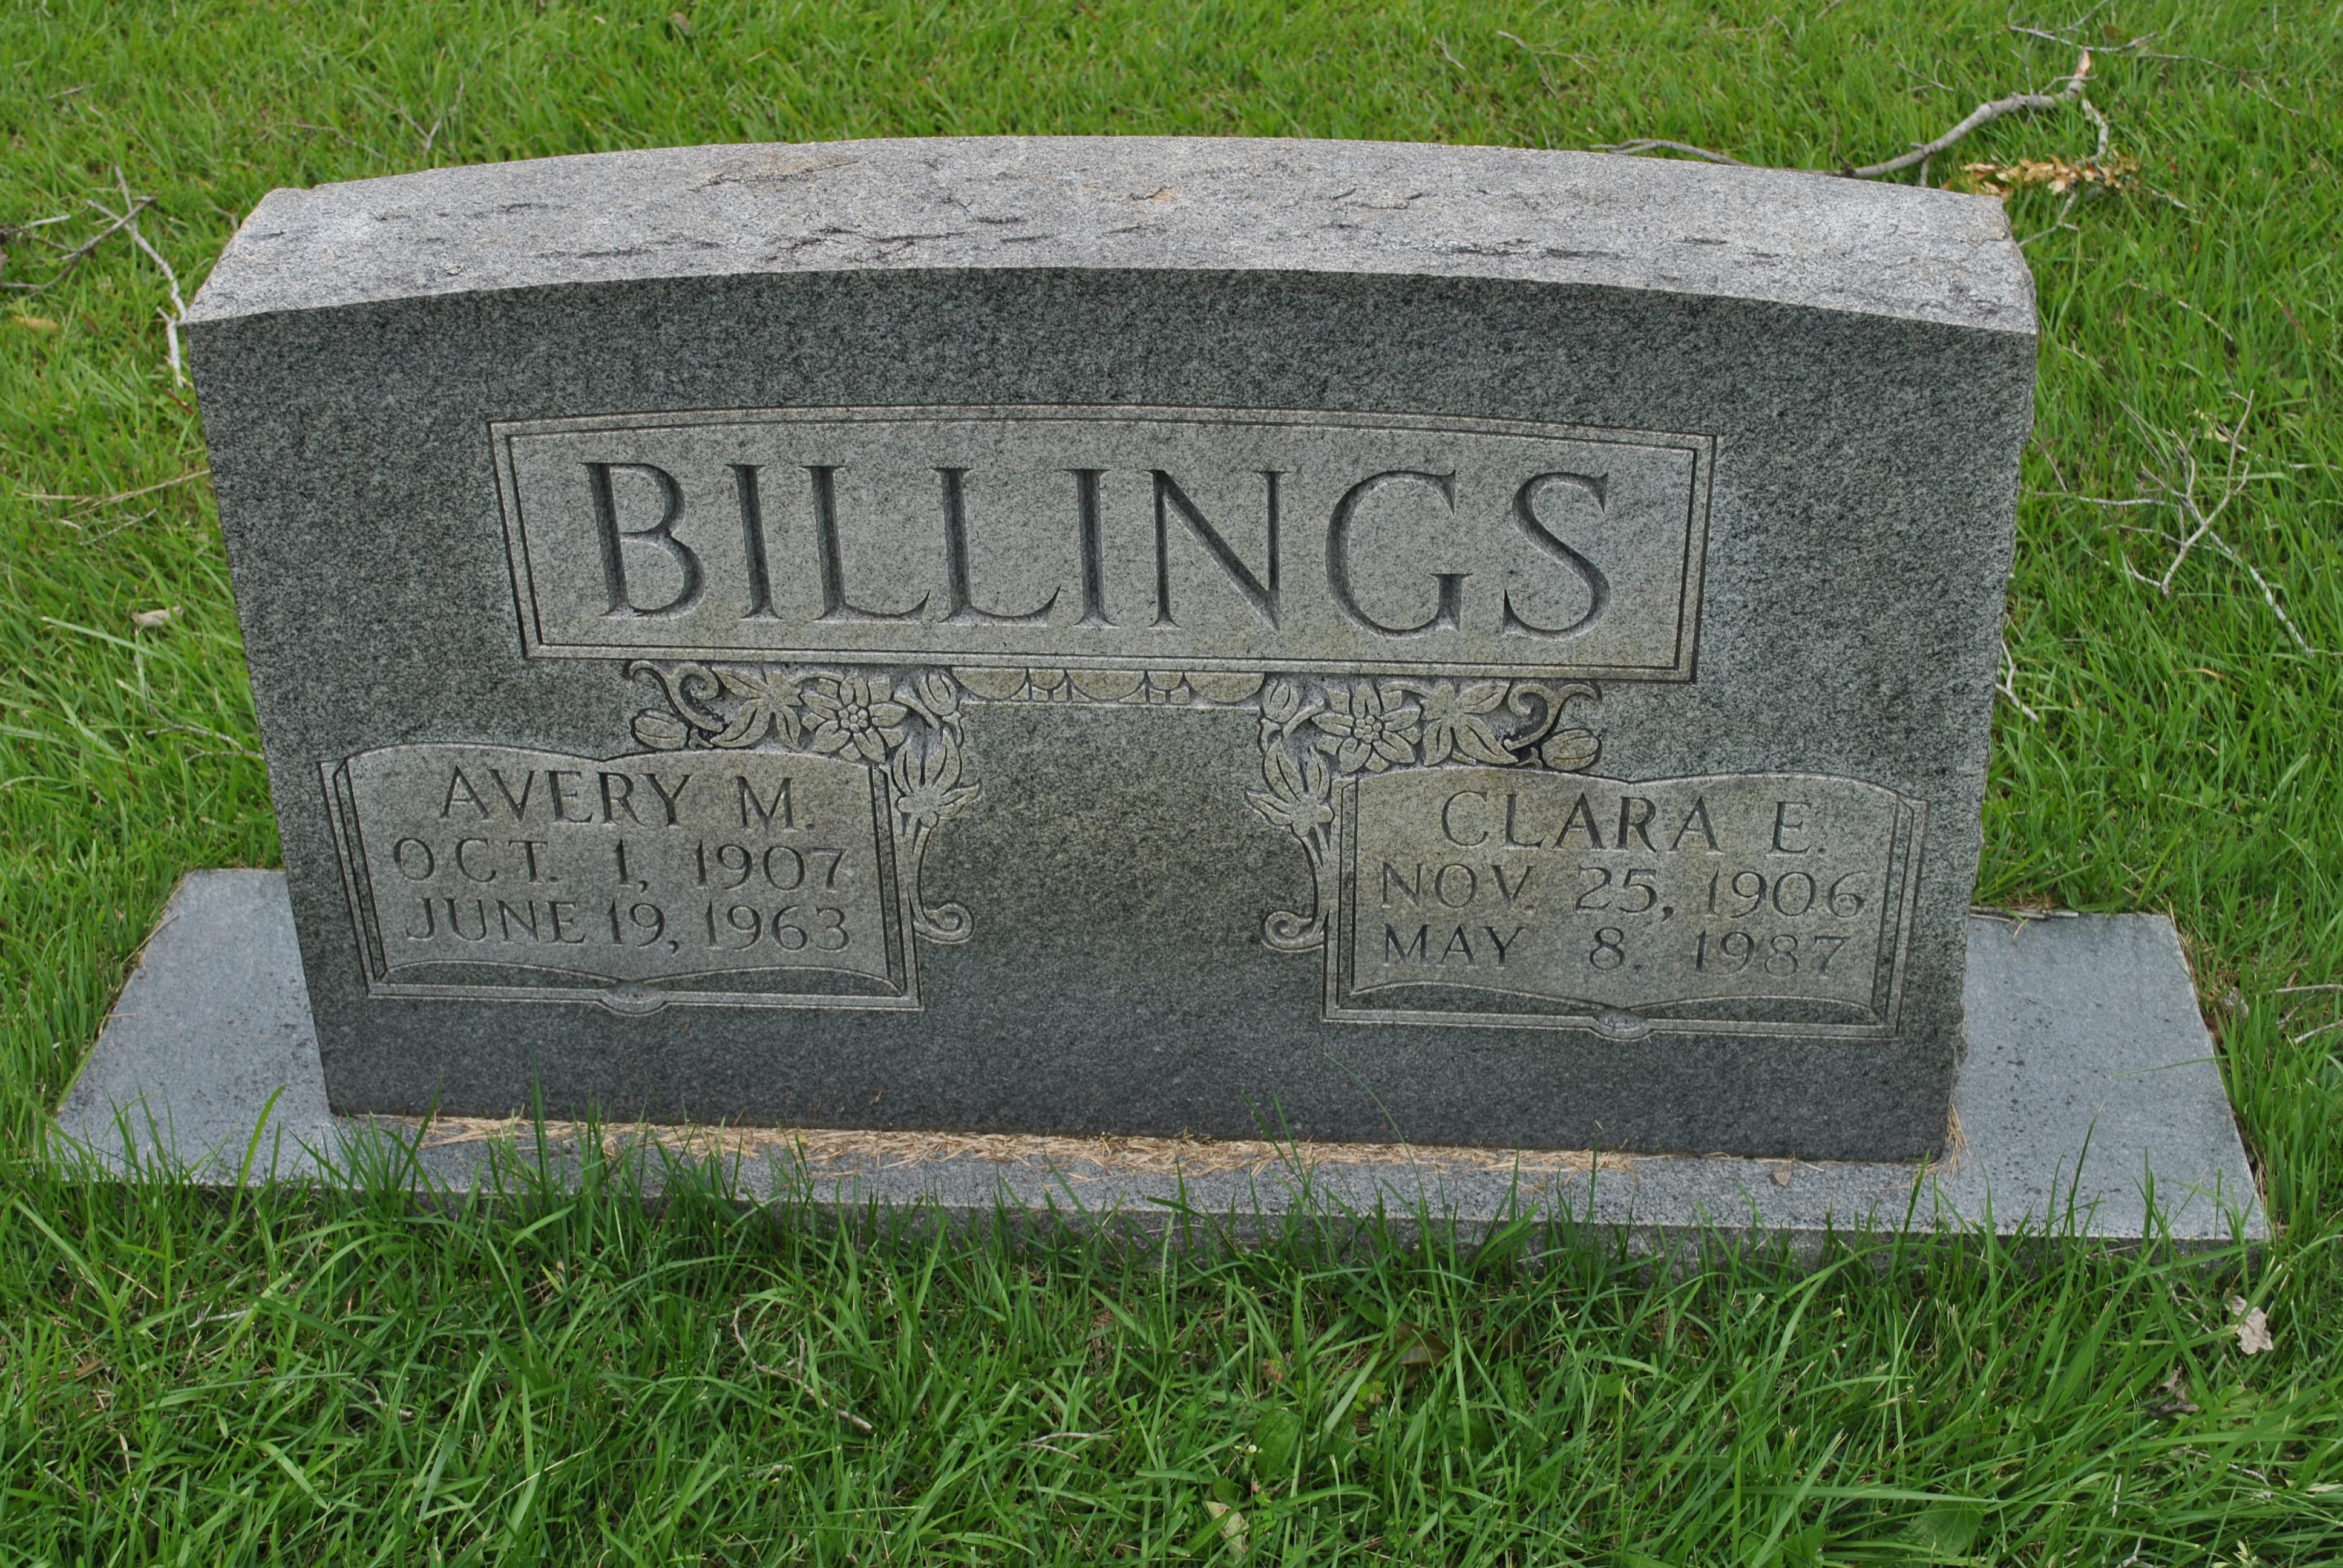 Clara E. Billings